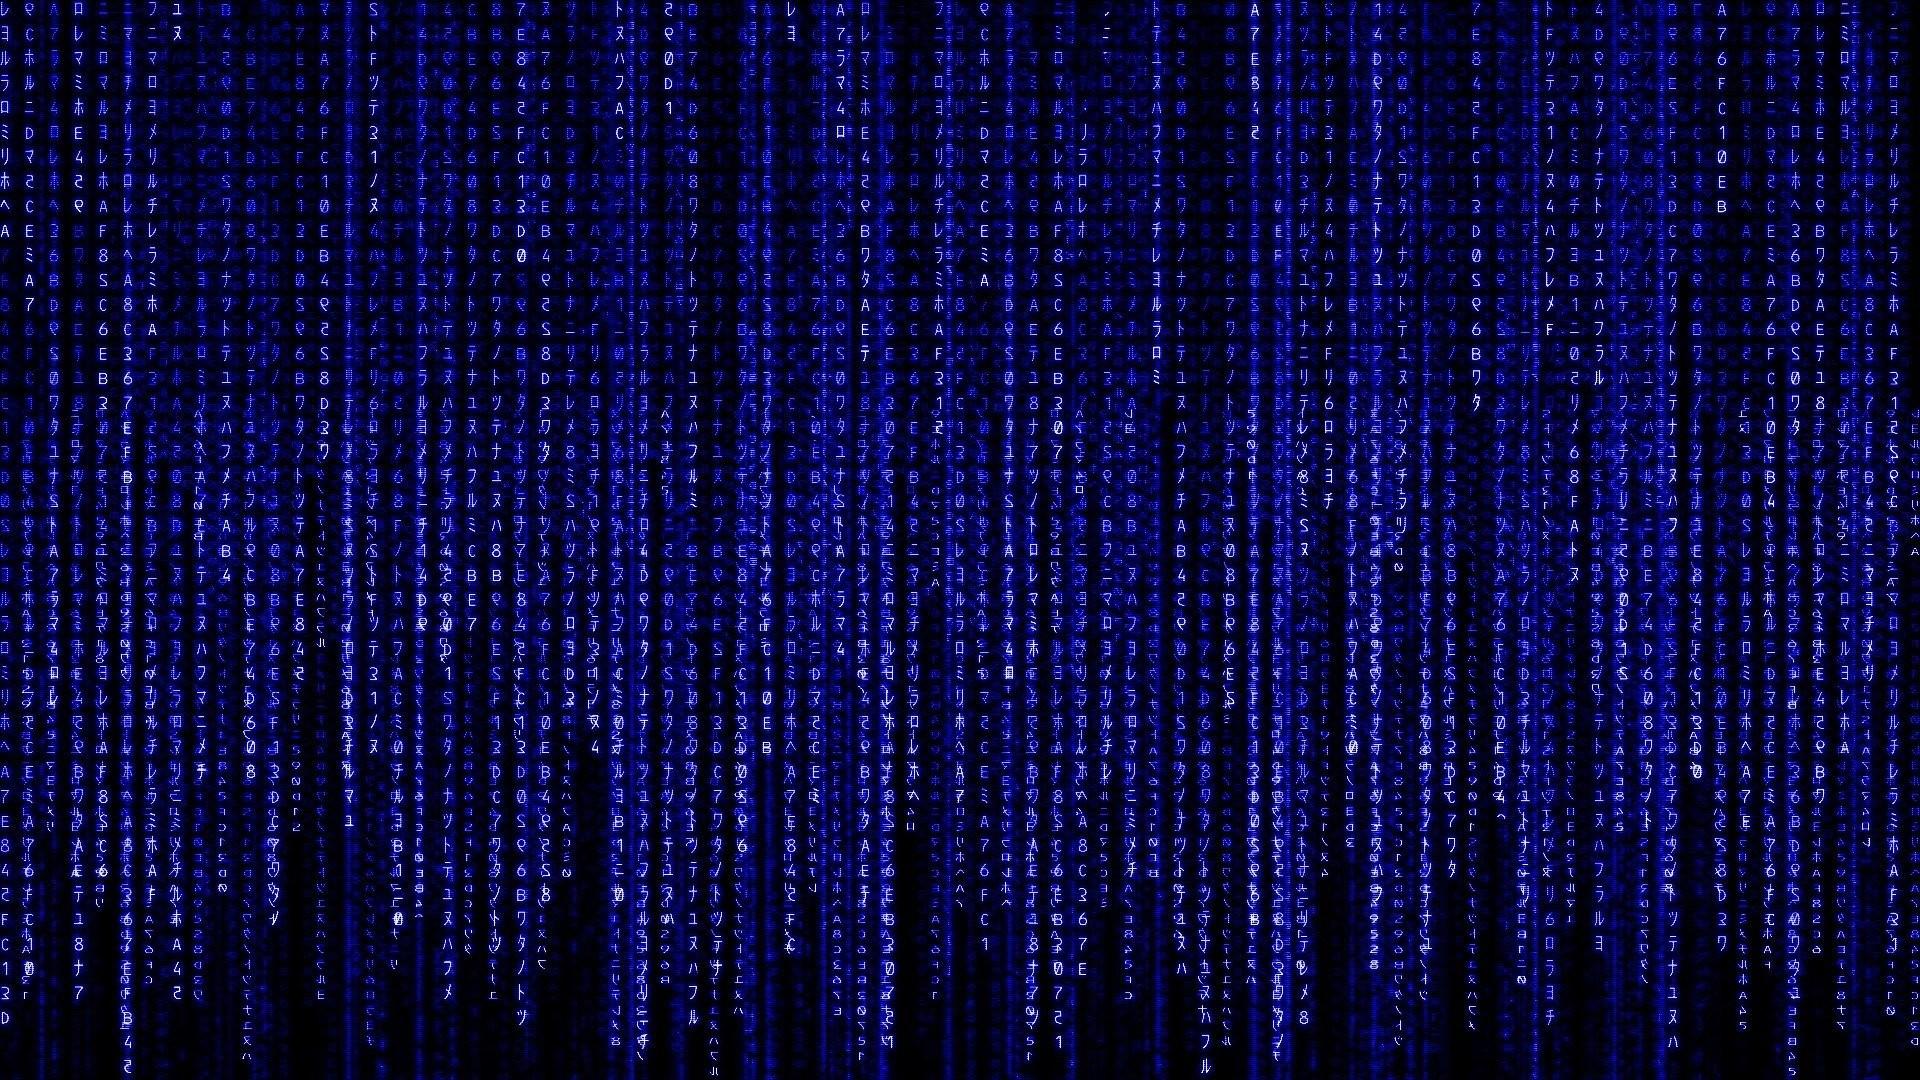 matrix-wallpaper-blue-abstract-glitch-wallpapers.jpg (1920×